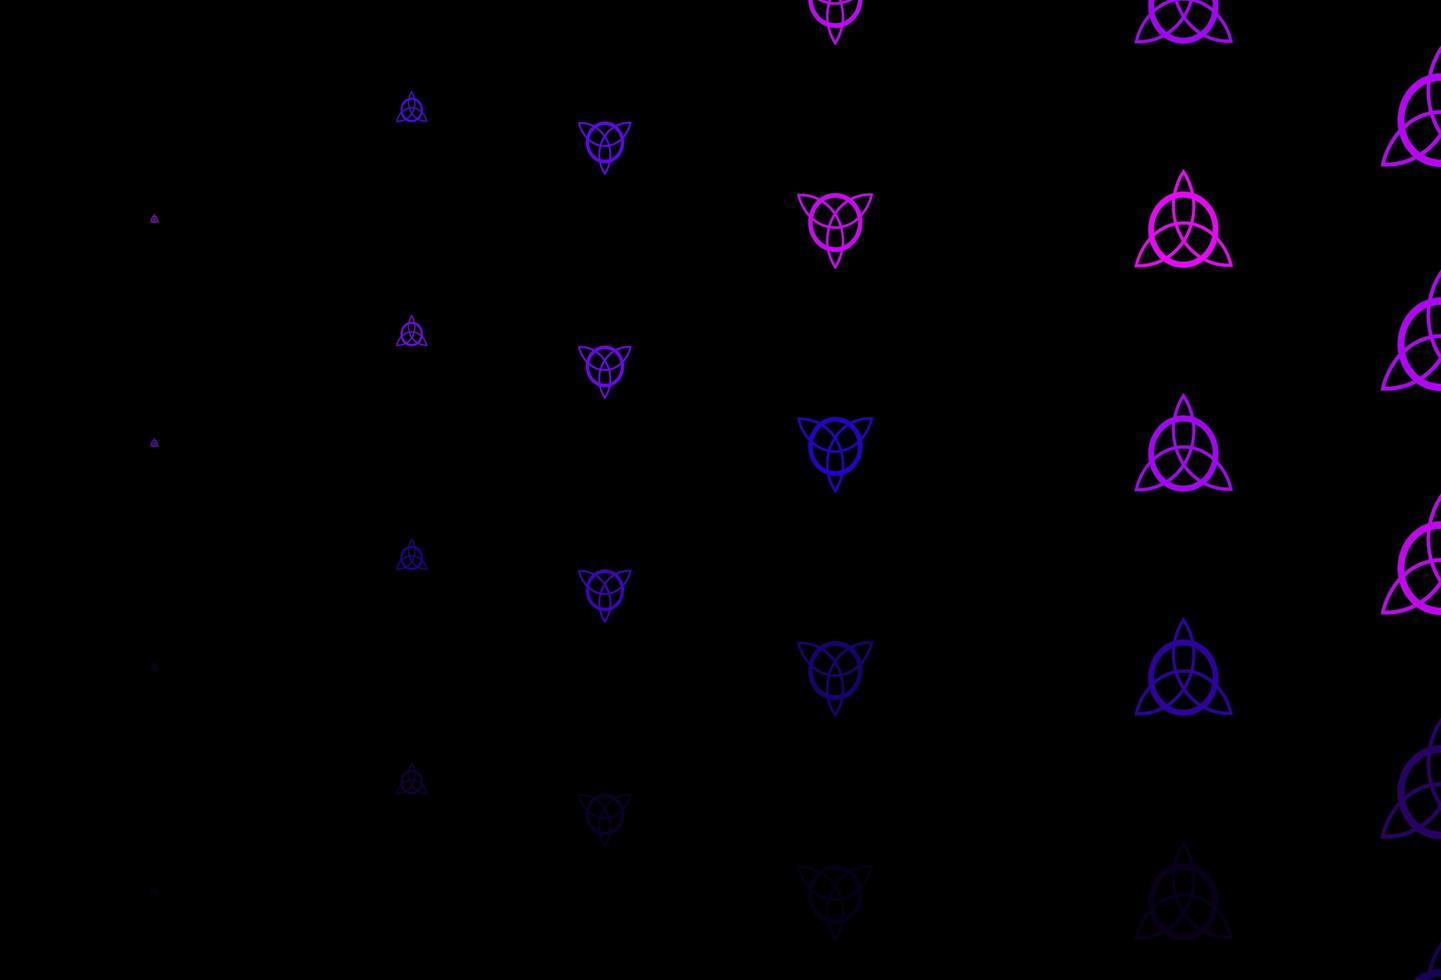 sfondo vettoriale viola scuro con simboli occulti.